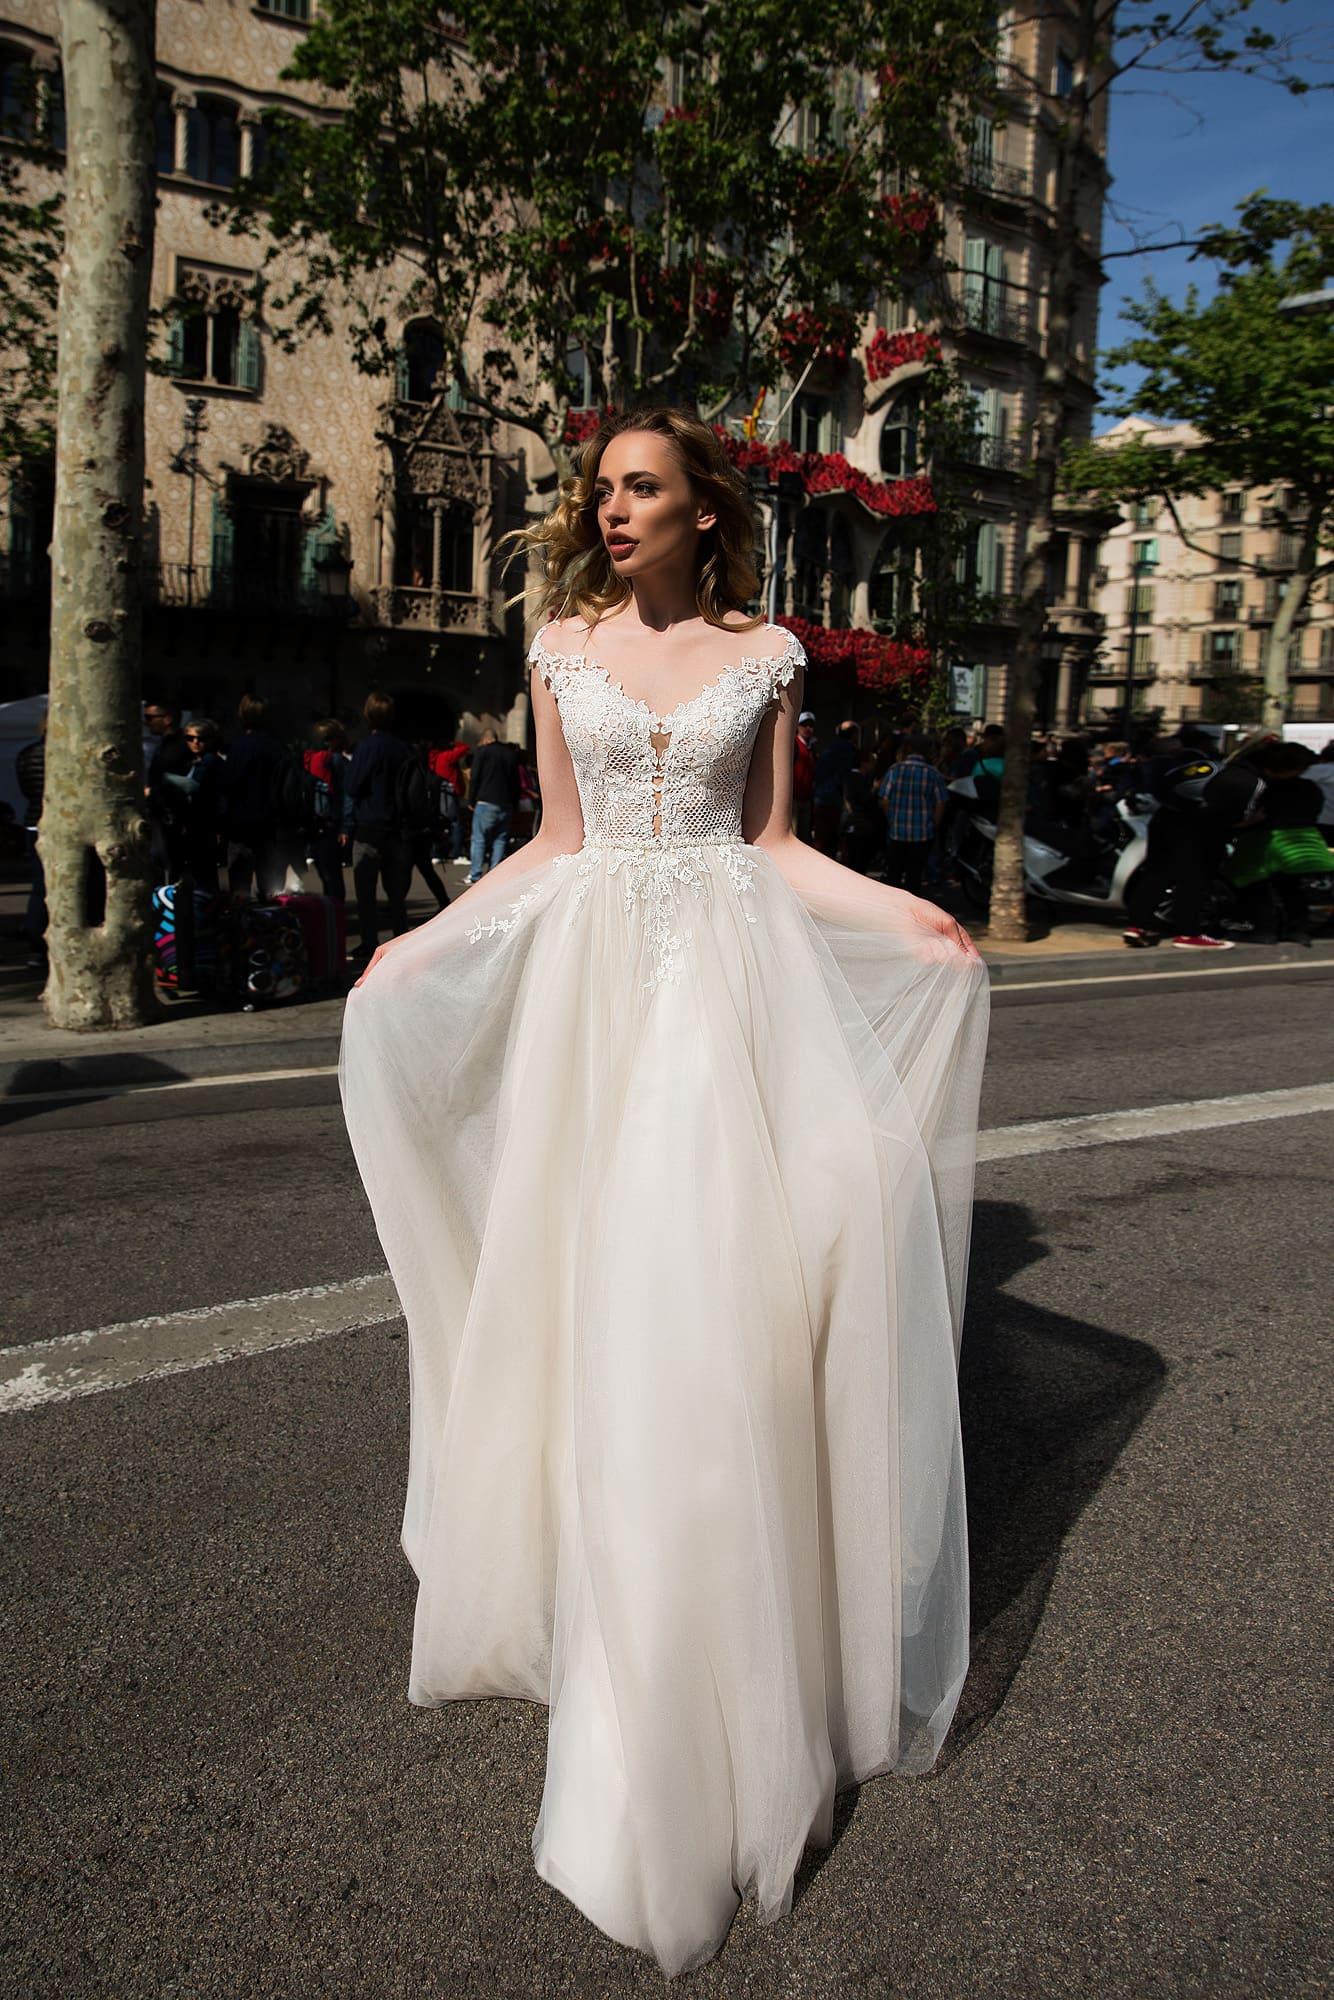 Прямое свадебное платье с романтичным кружевным корсетом и коротким фигурным рукавом.